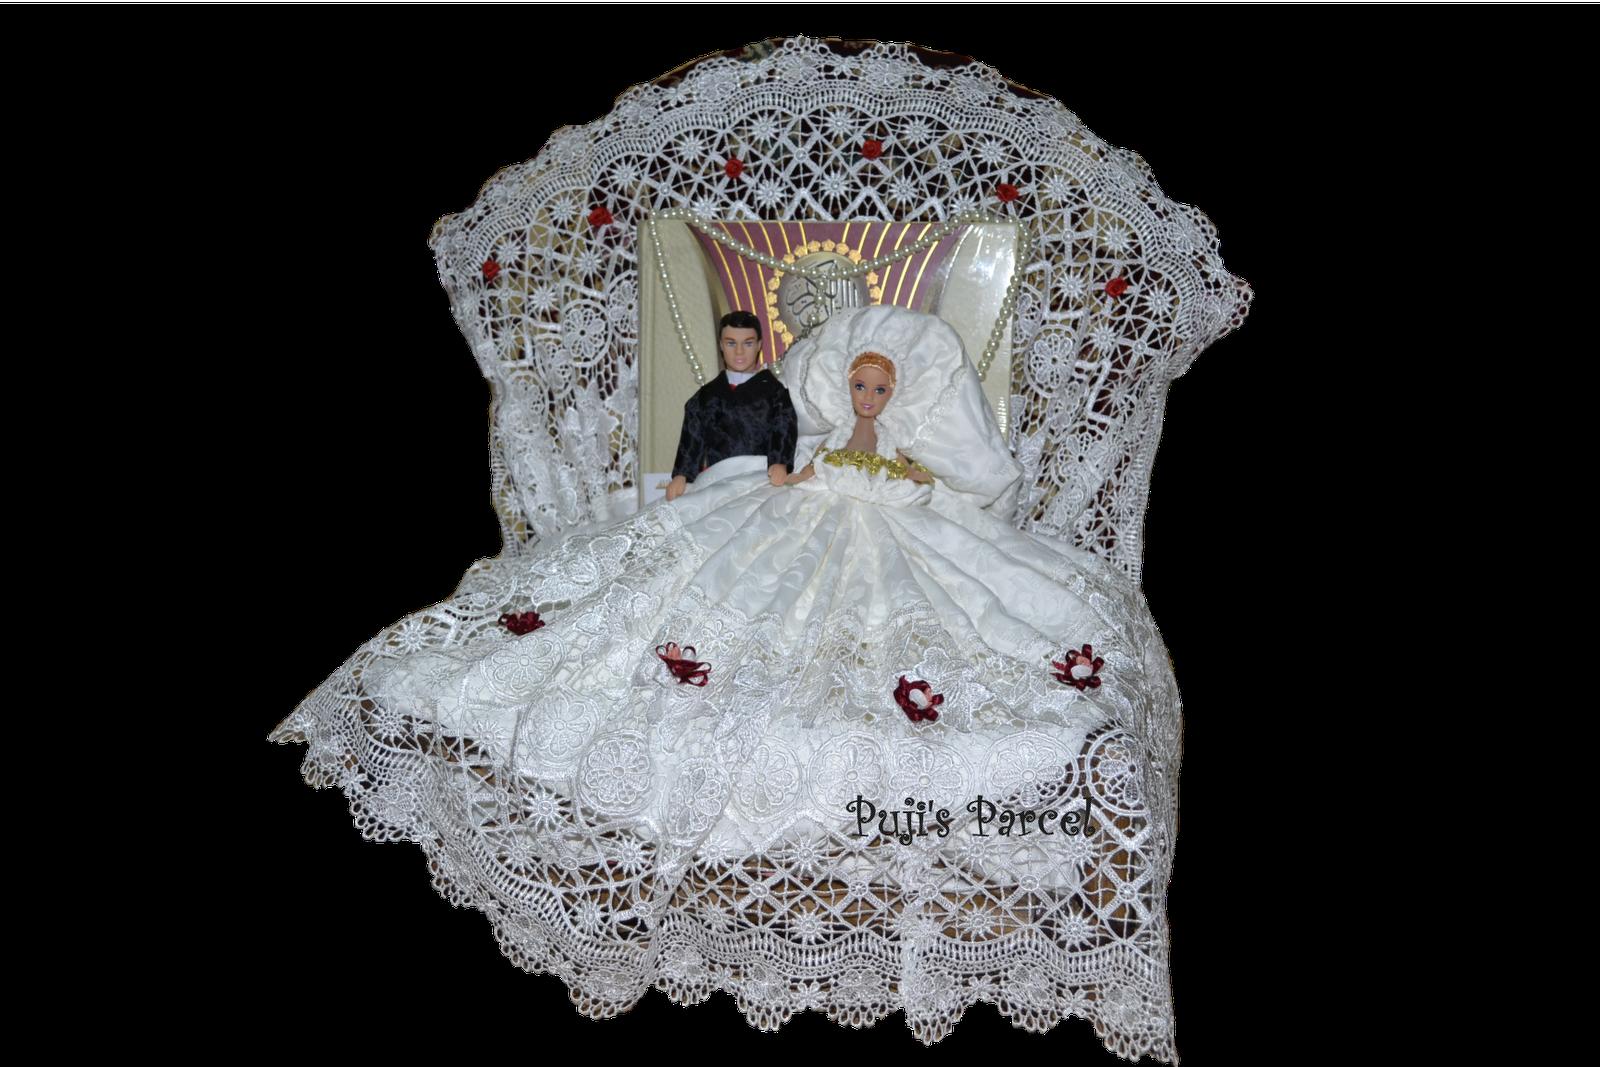 Pin Hantaran Pernikahan Lamaran Pengantin Ajilbabcom Portal Cake On